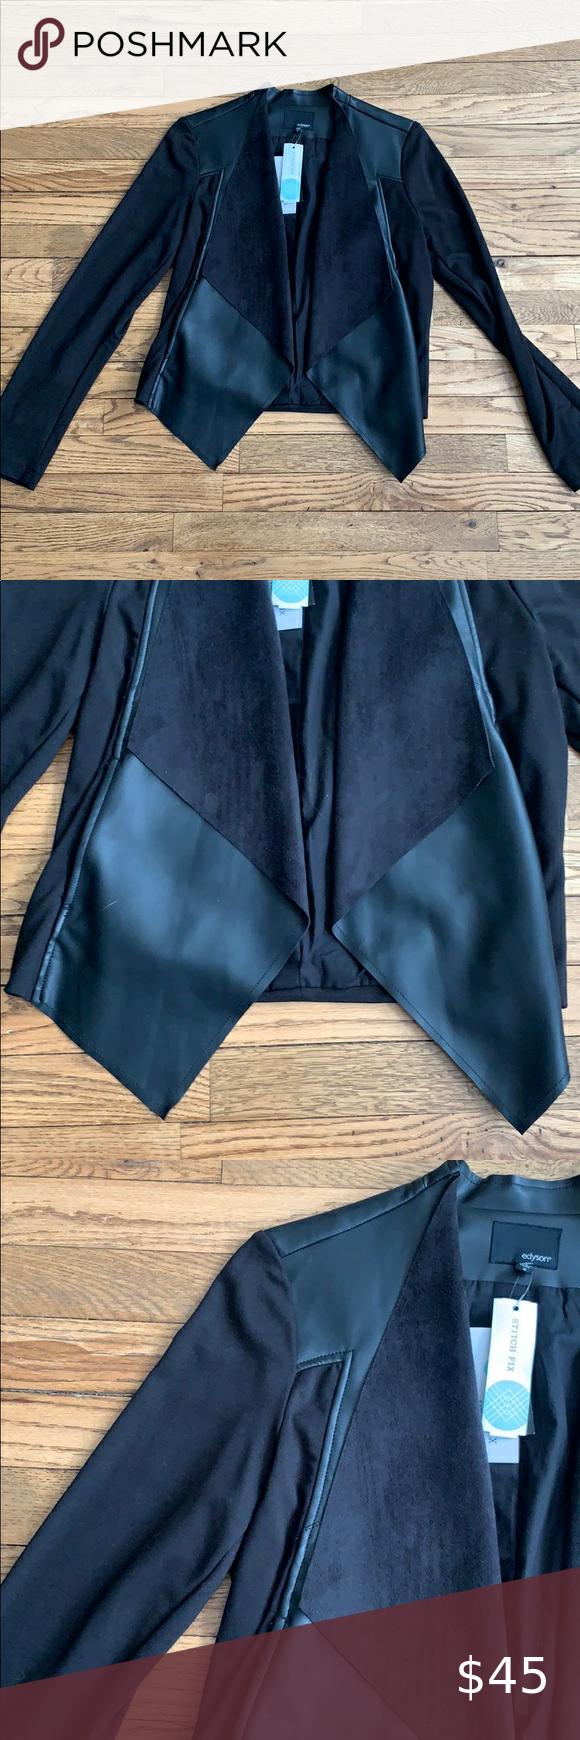 Black Dress Jacket Black Dress Jacket Jackets Black Dress [ 1740 x 580 Pixel ]